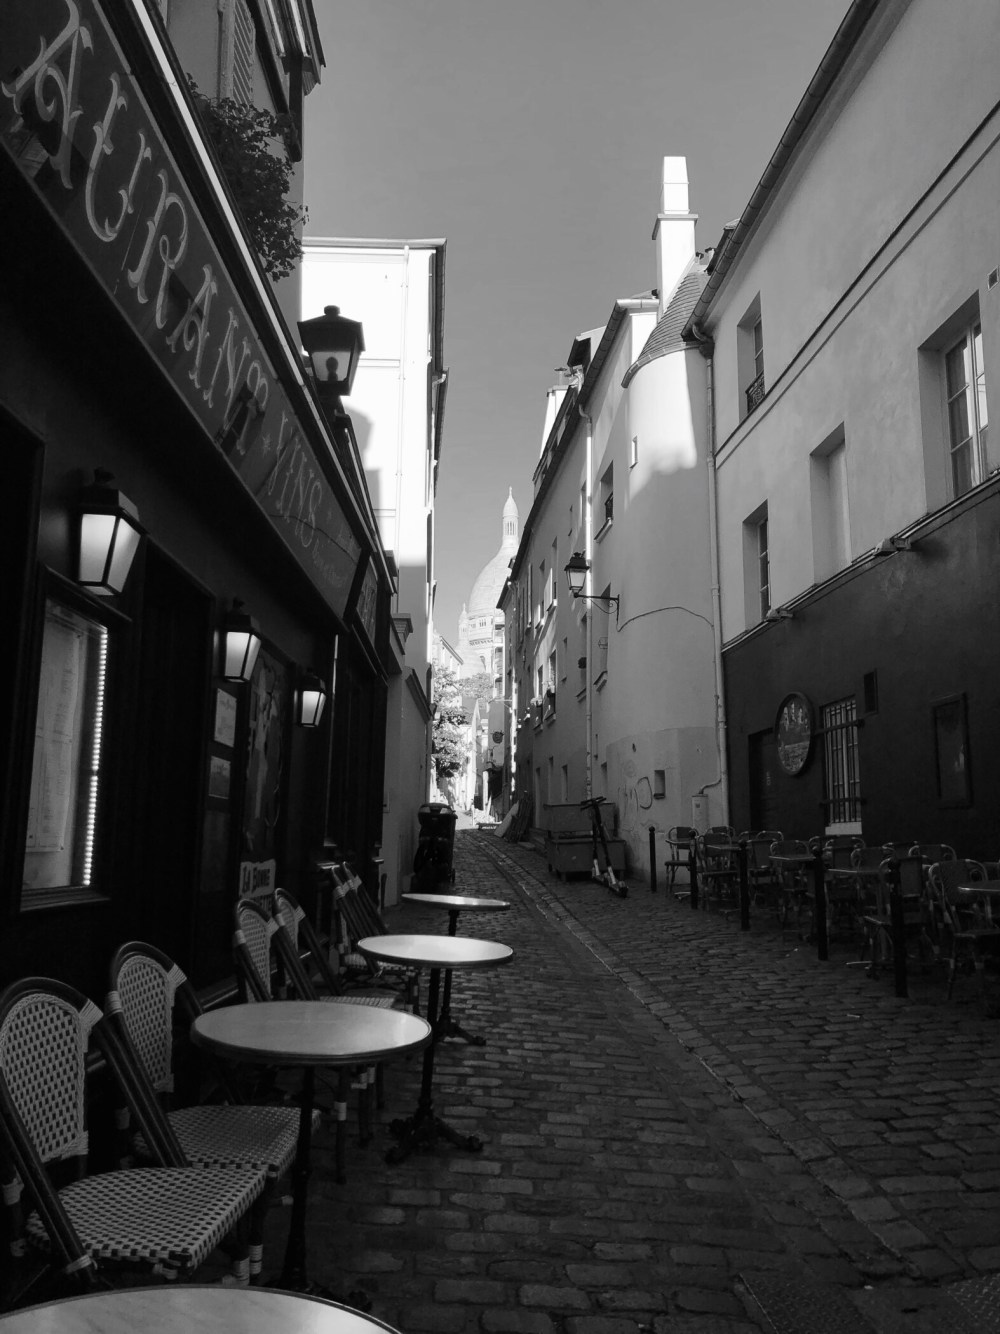 Blick über eine Straße zur Kirche Sacré-Cœur in Paris